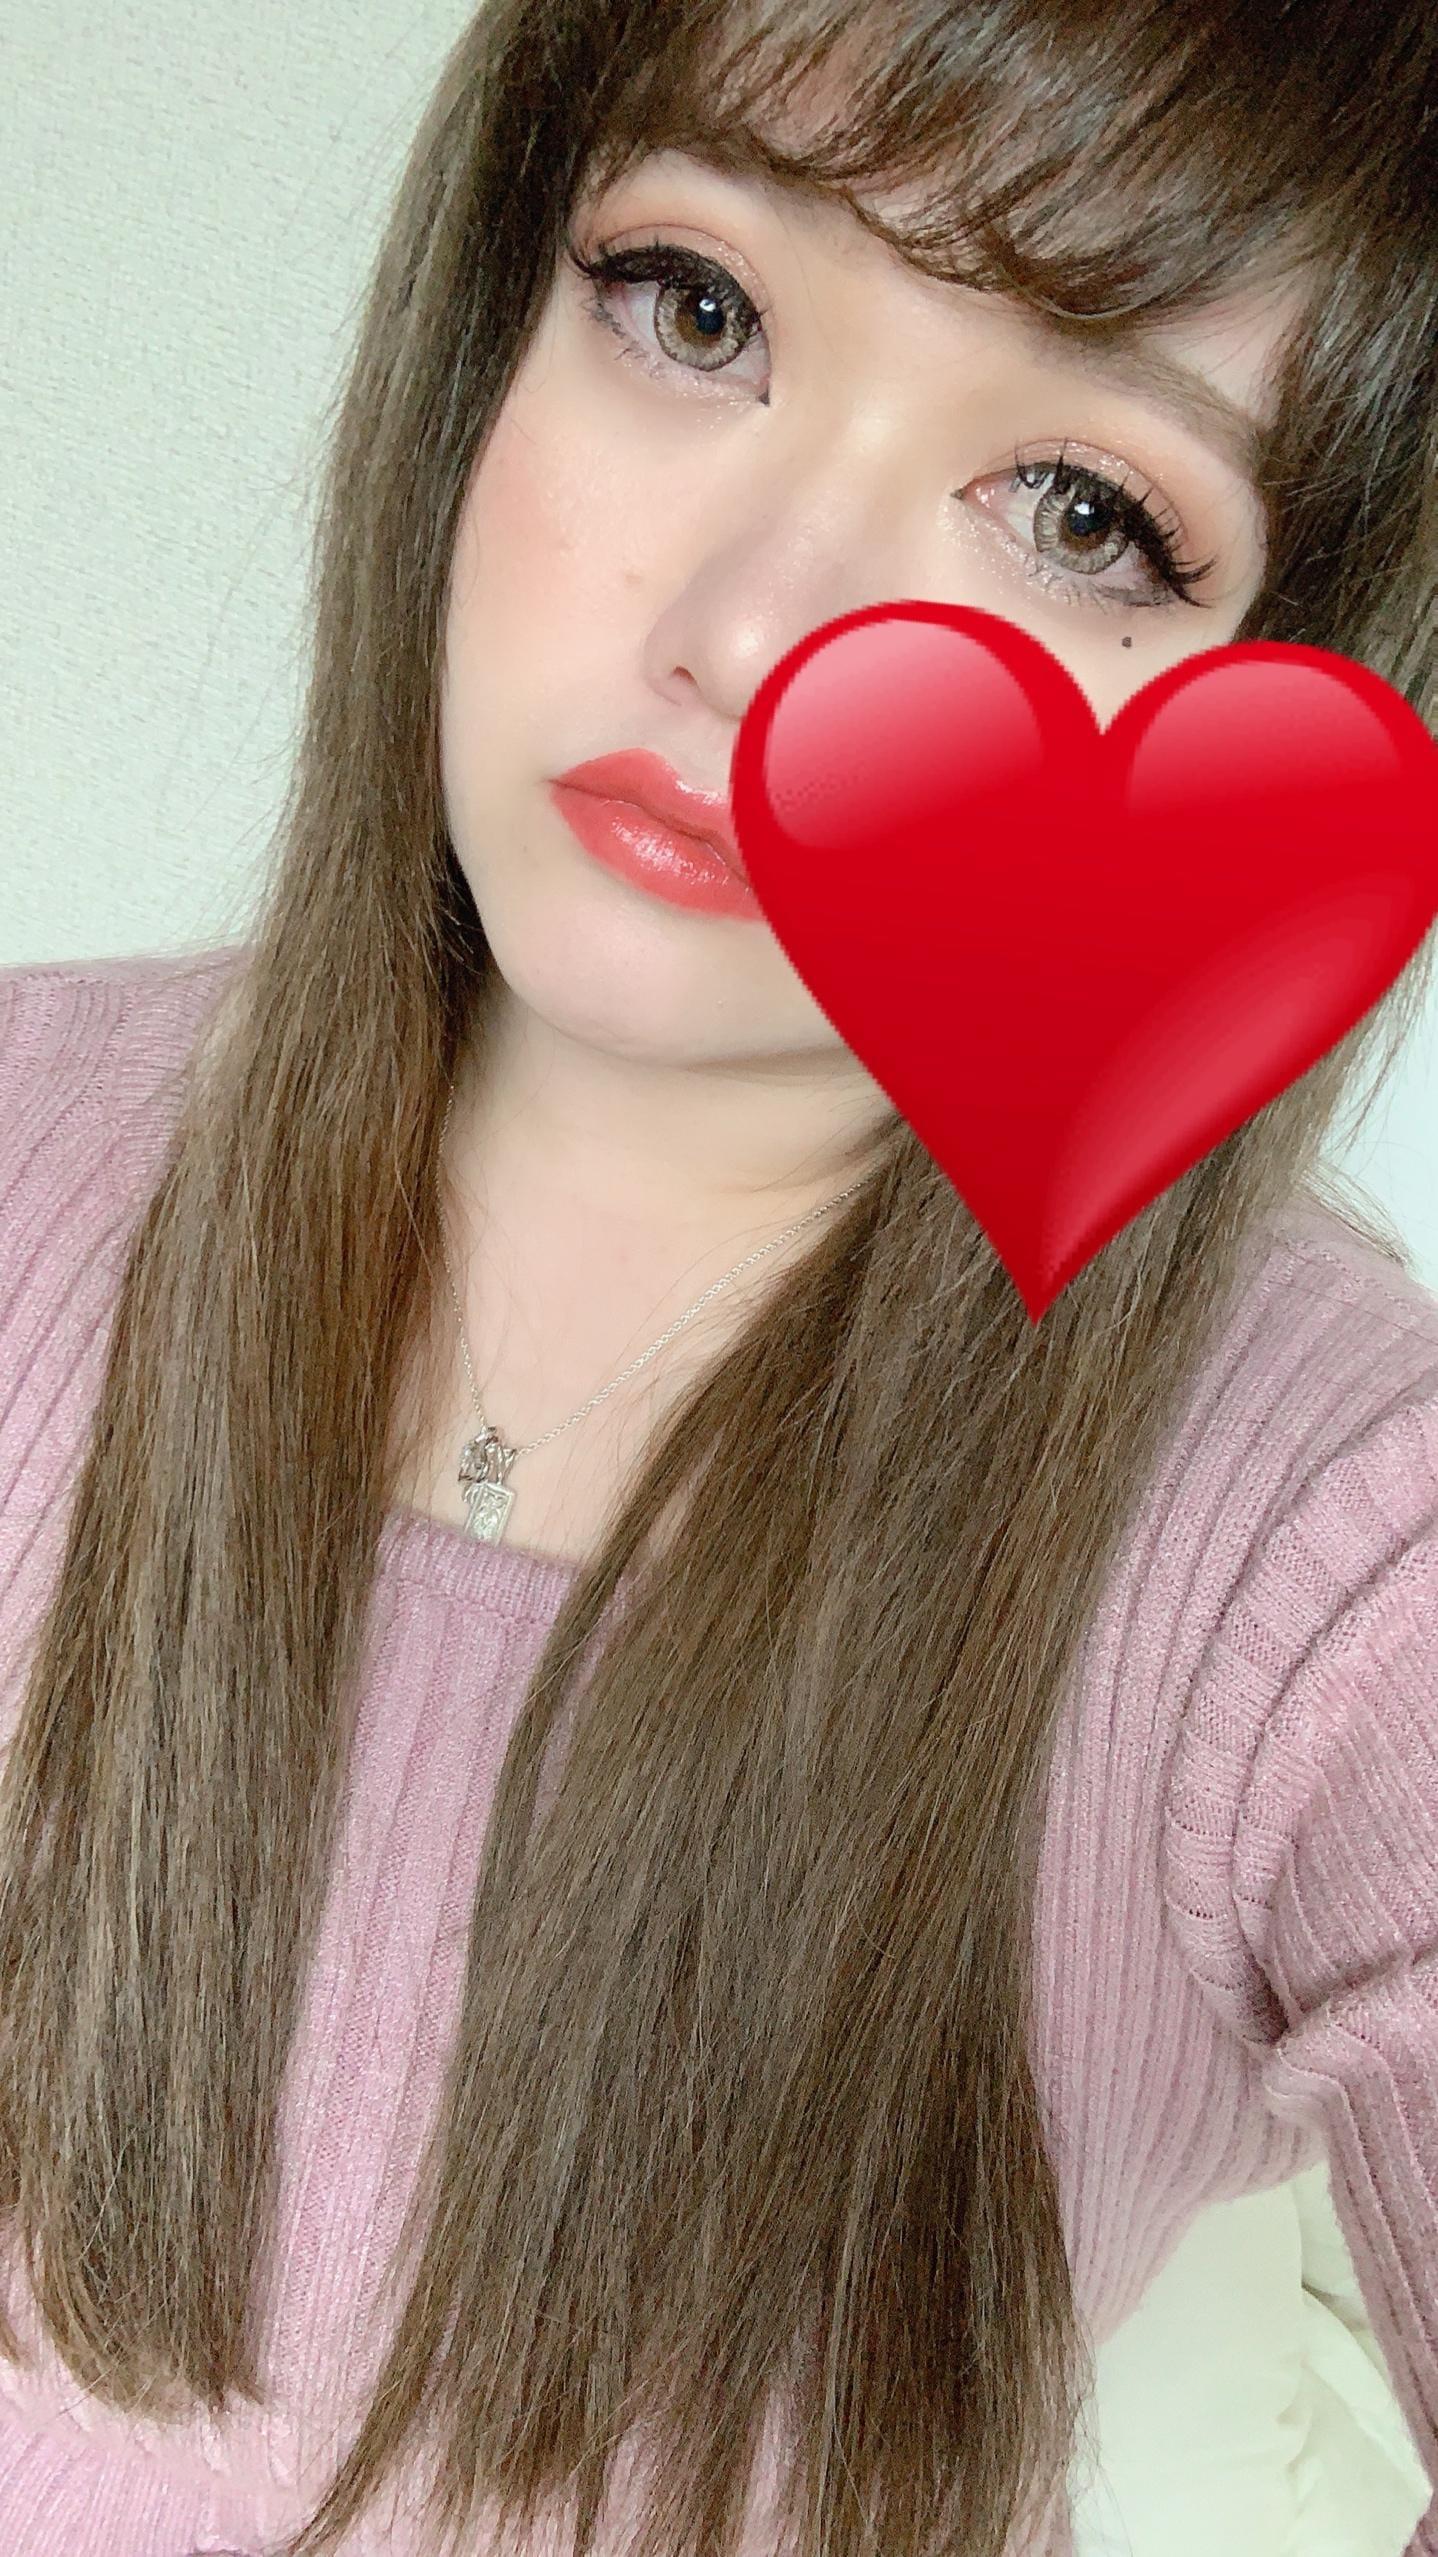 「バレンタイン」02/14(02/14) 22:20   とあの写メ・風俗動画